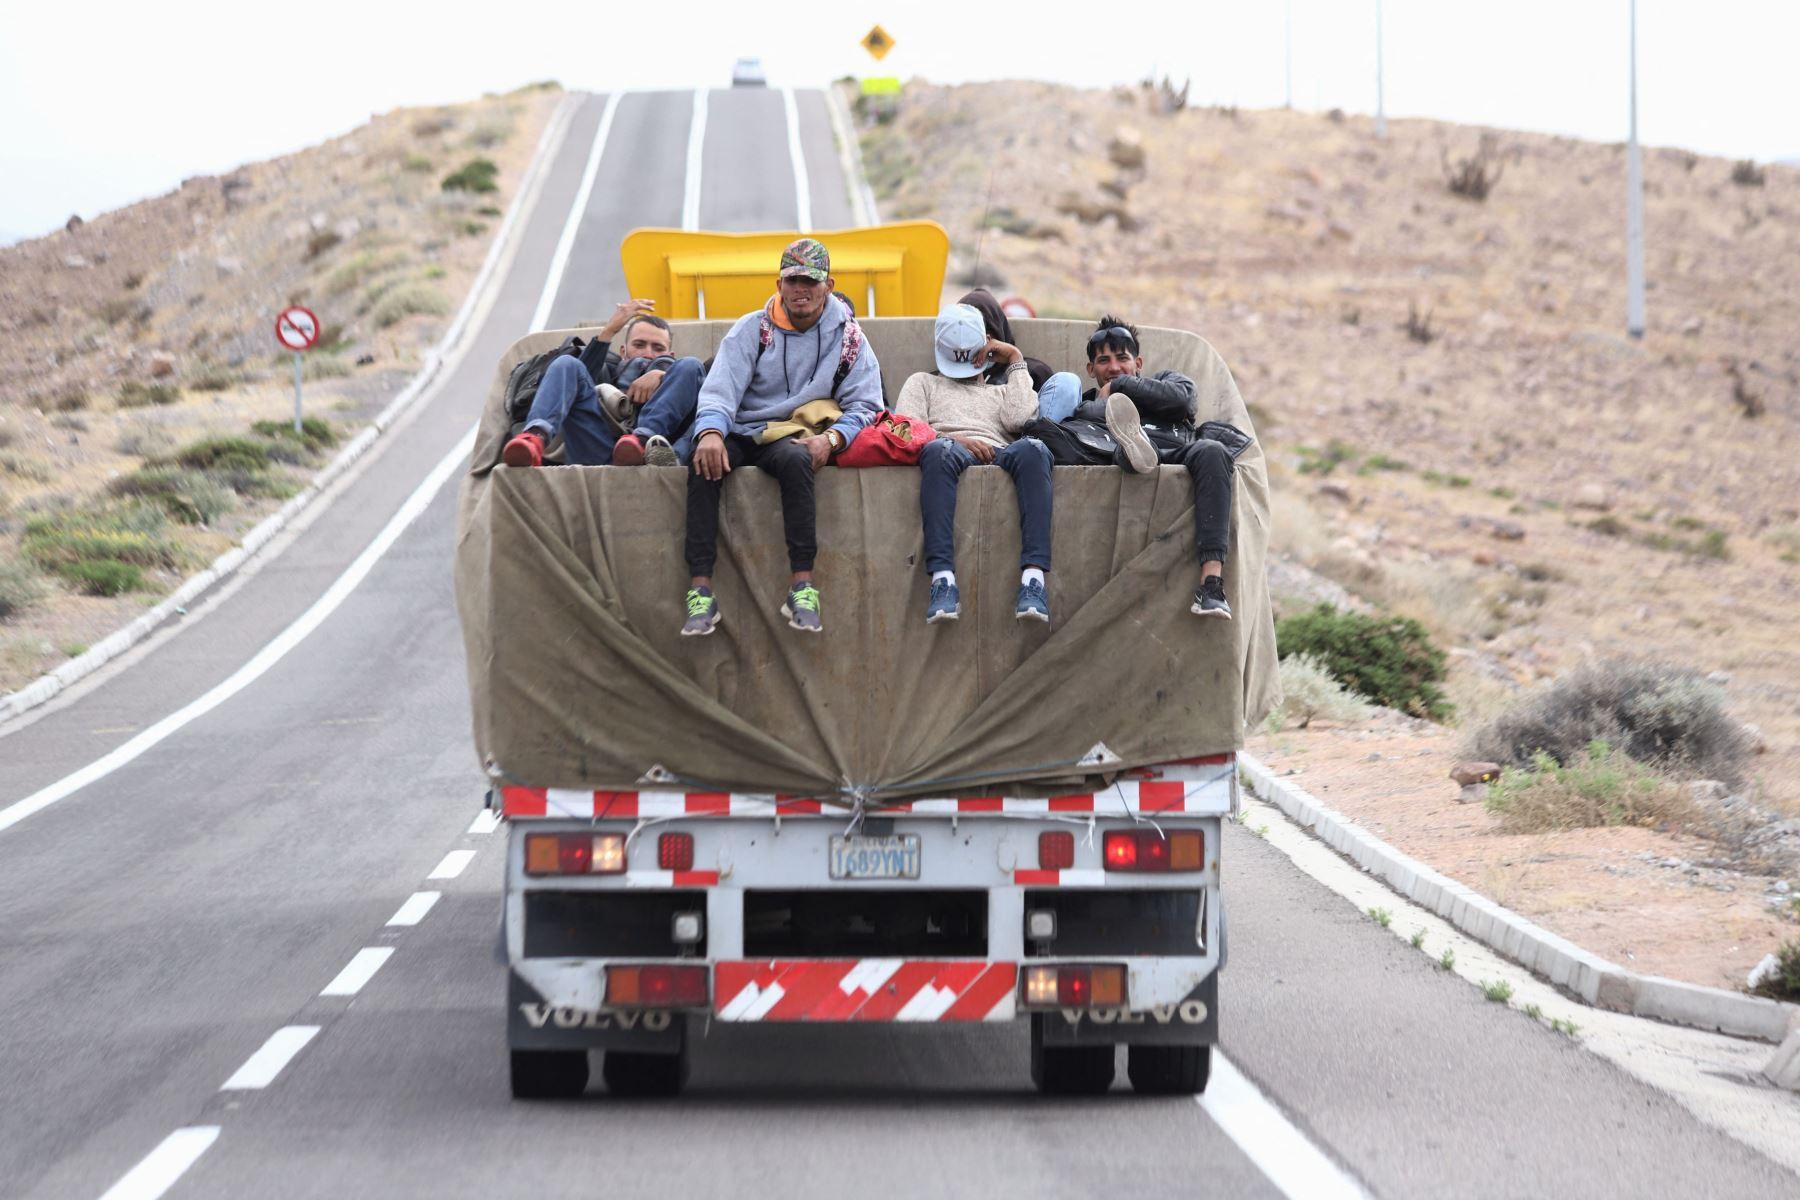 Chile expulsará a más de un centenar de migrantes que ingresaron irregularmente